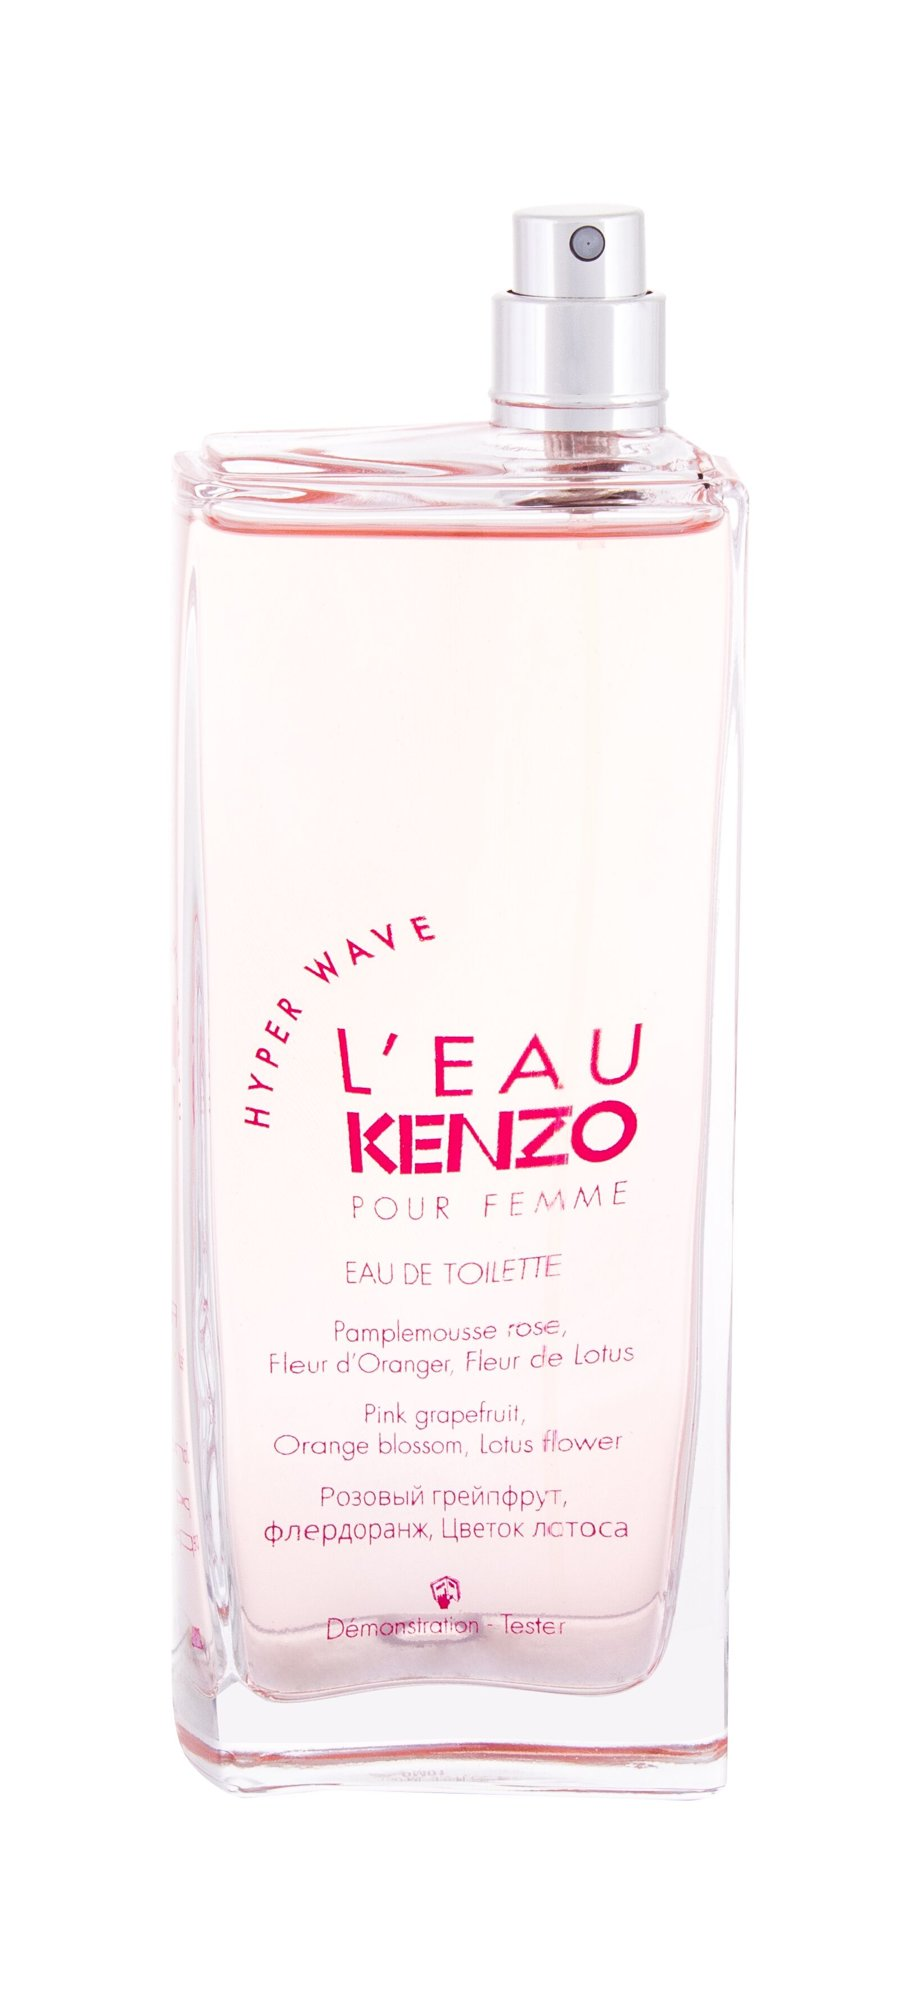 KENZO L´Eau Kenzo Pour Femme Hyper Wave, edt 100ml